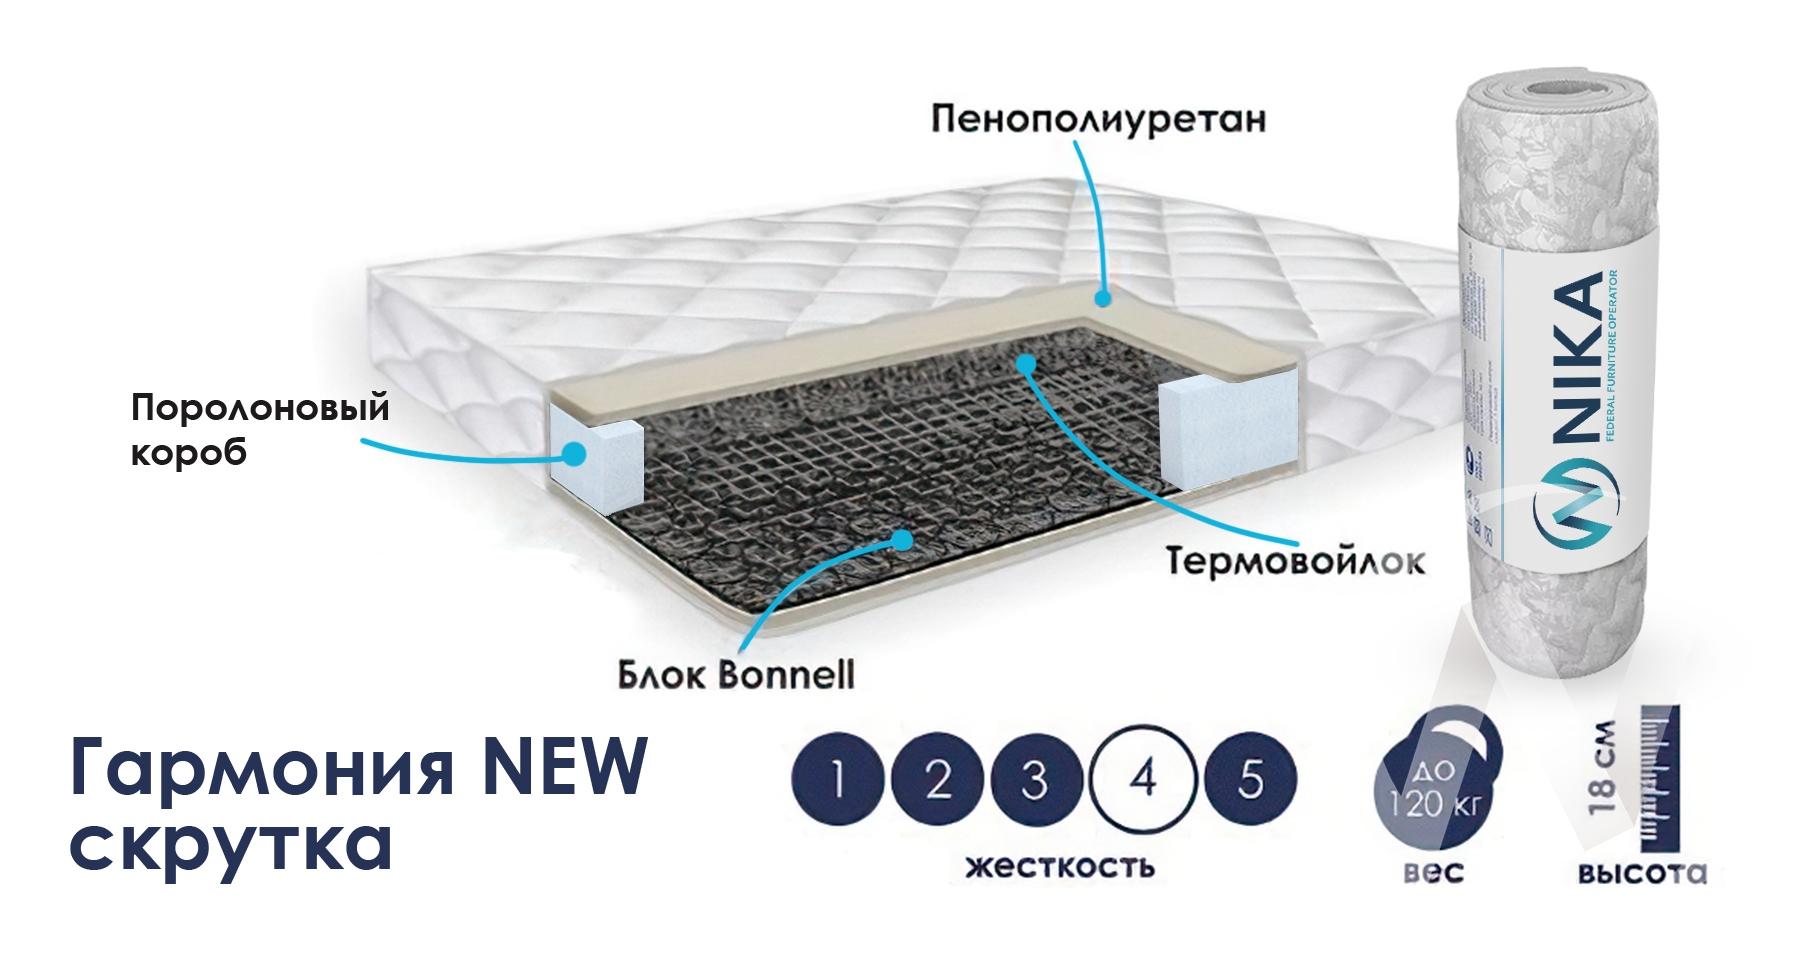 Матрас Гармония NEW (900х1950) скрутка недорого в Томске — интернет-магазин авторской мебели Экостиль